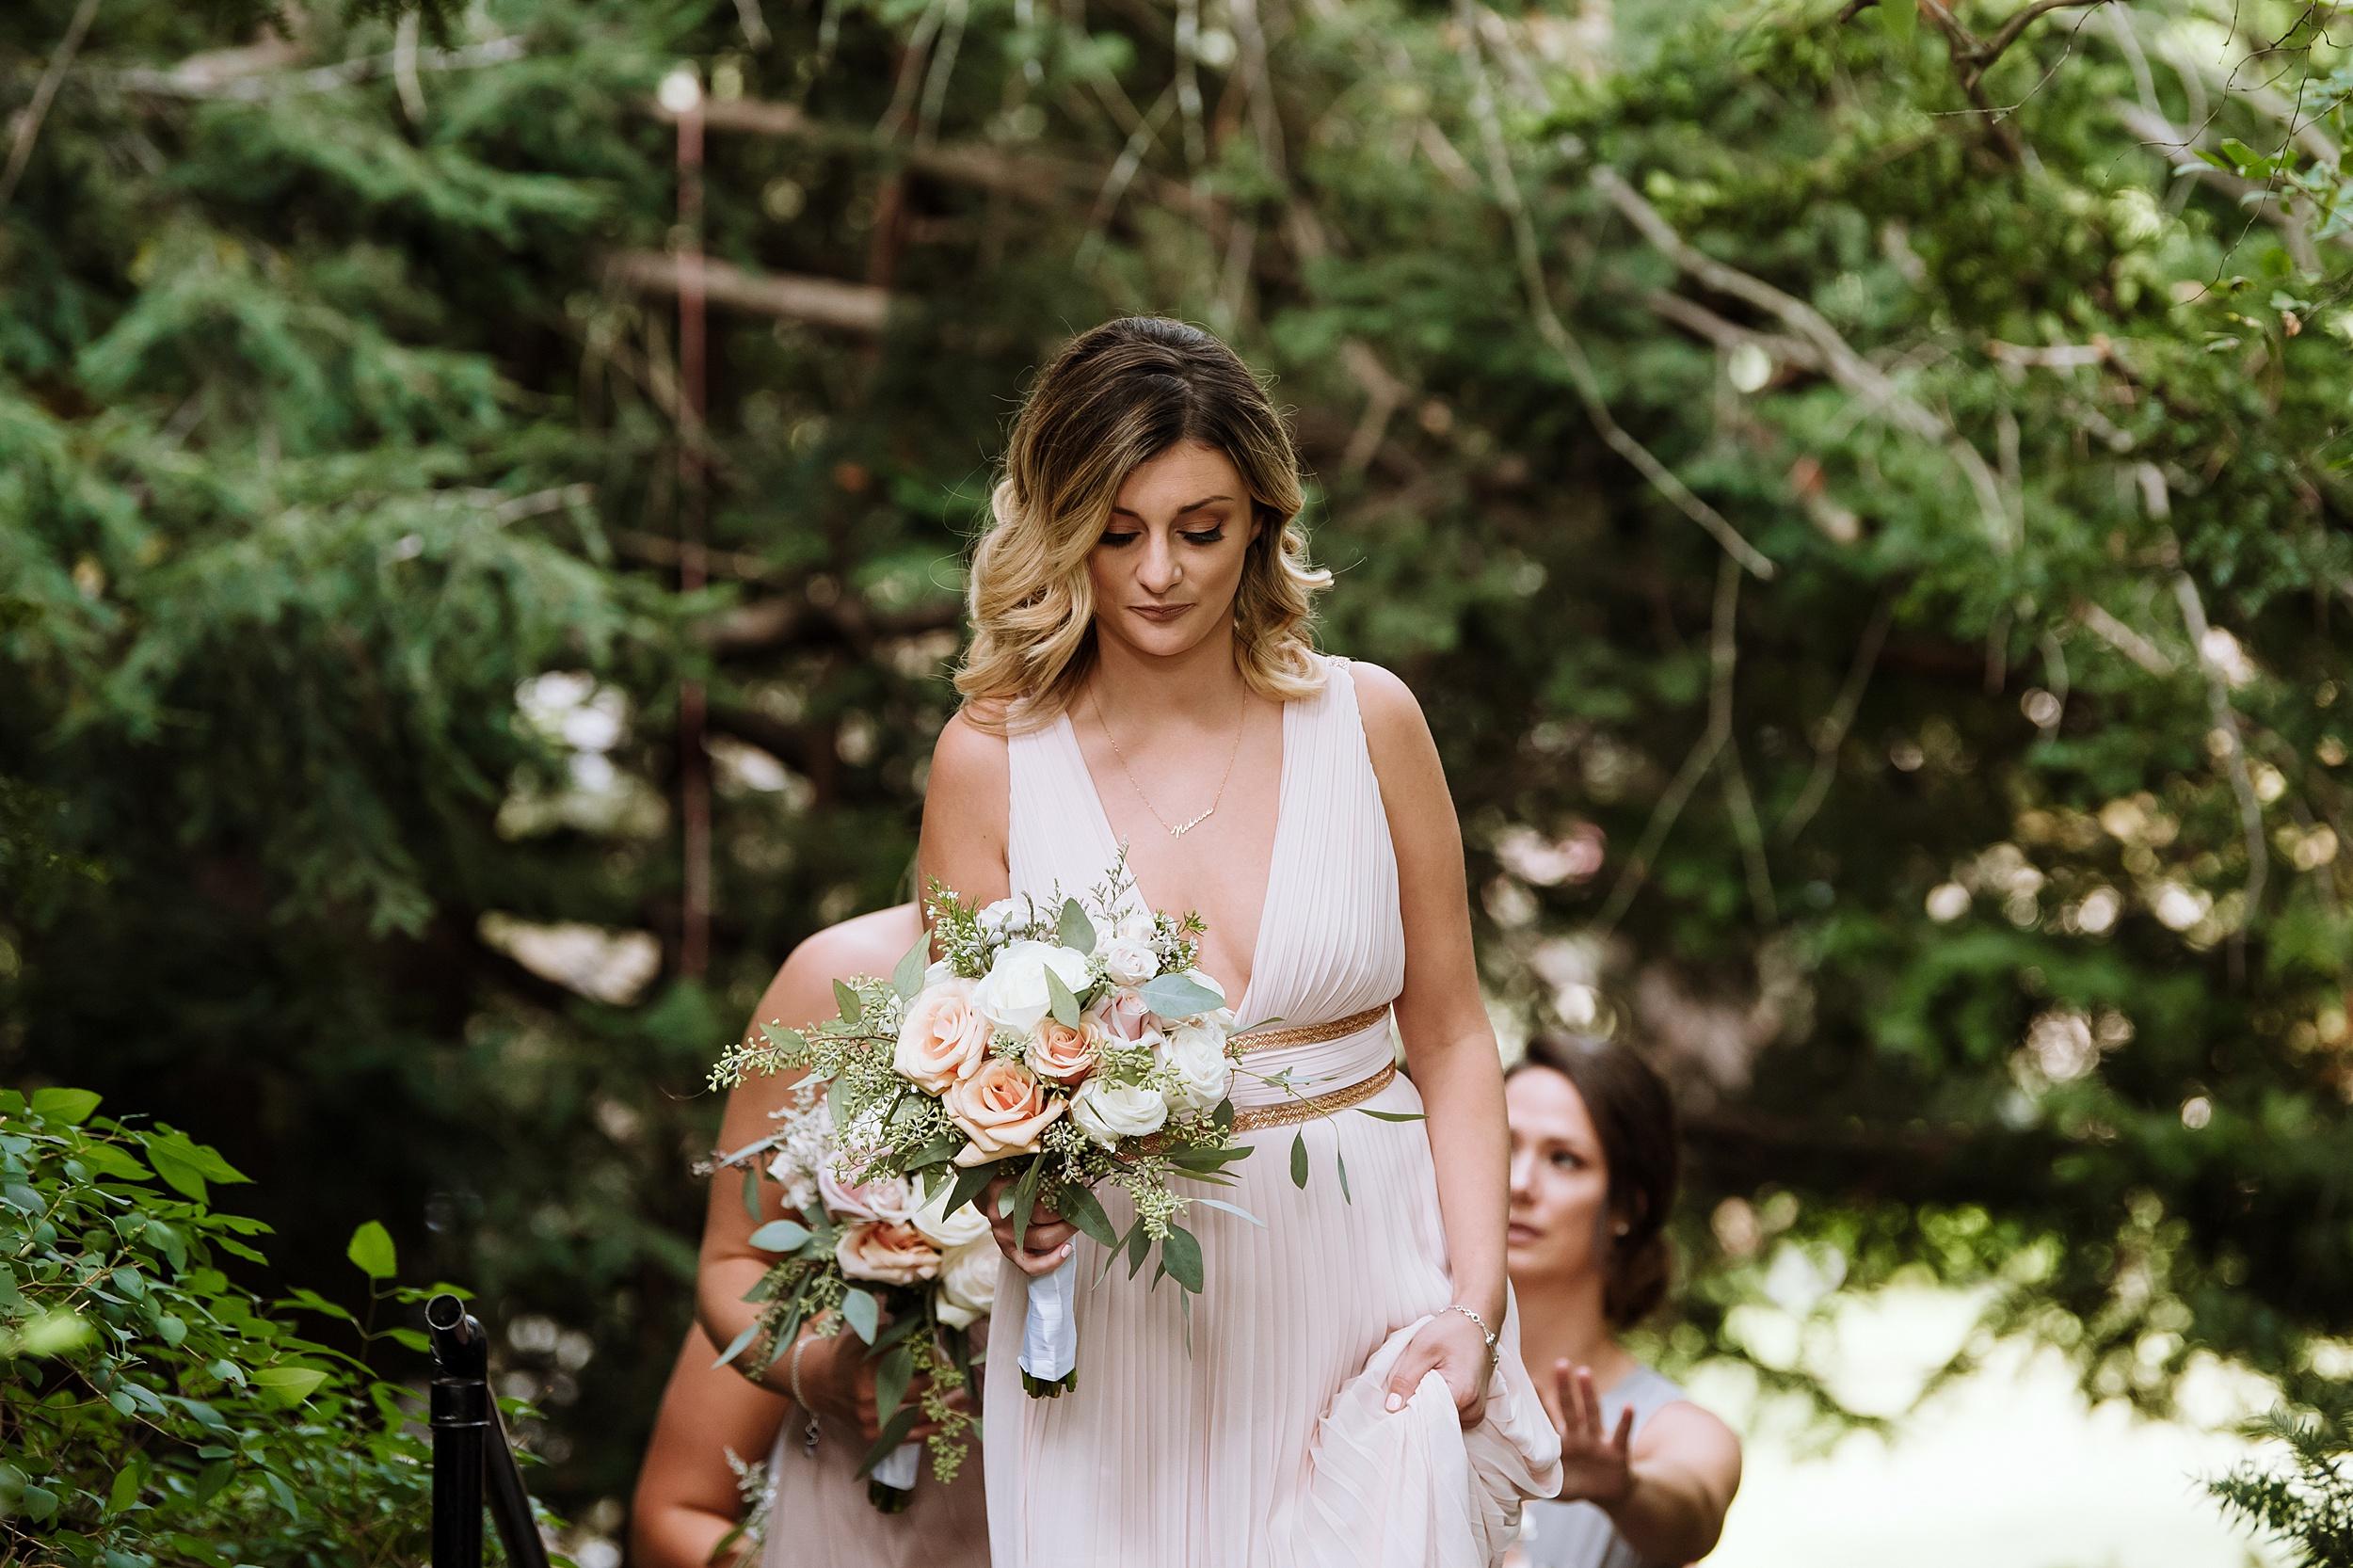 Rustic_Backyard_Wedding_Toronto_Photographer085.jpg